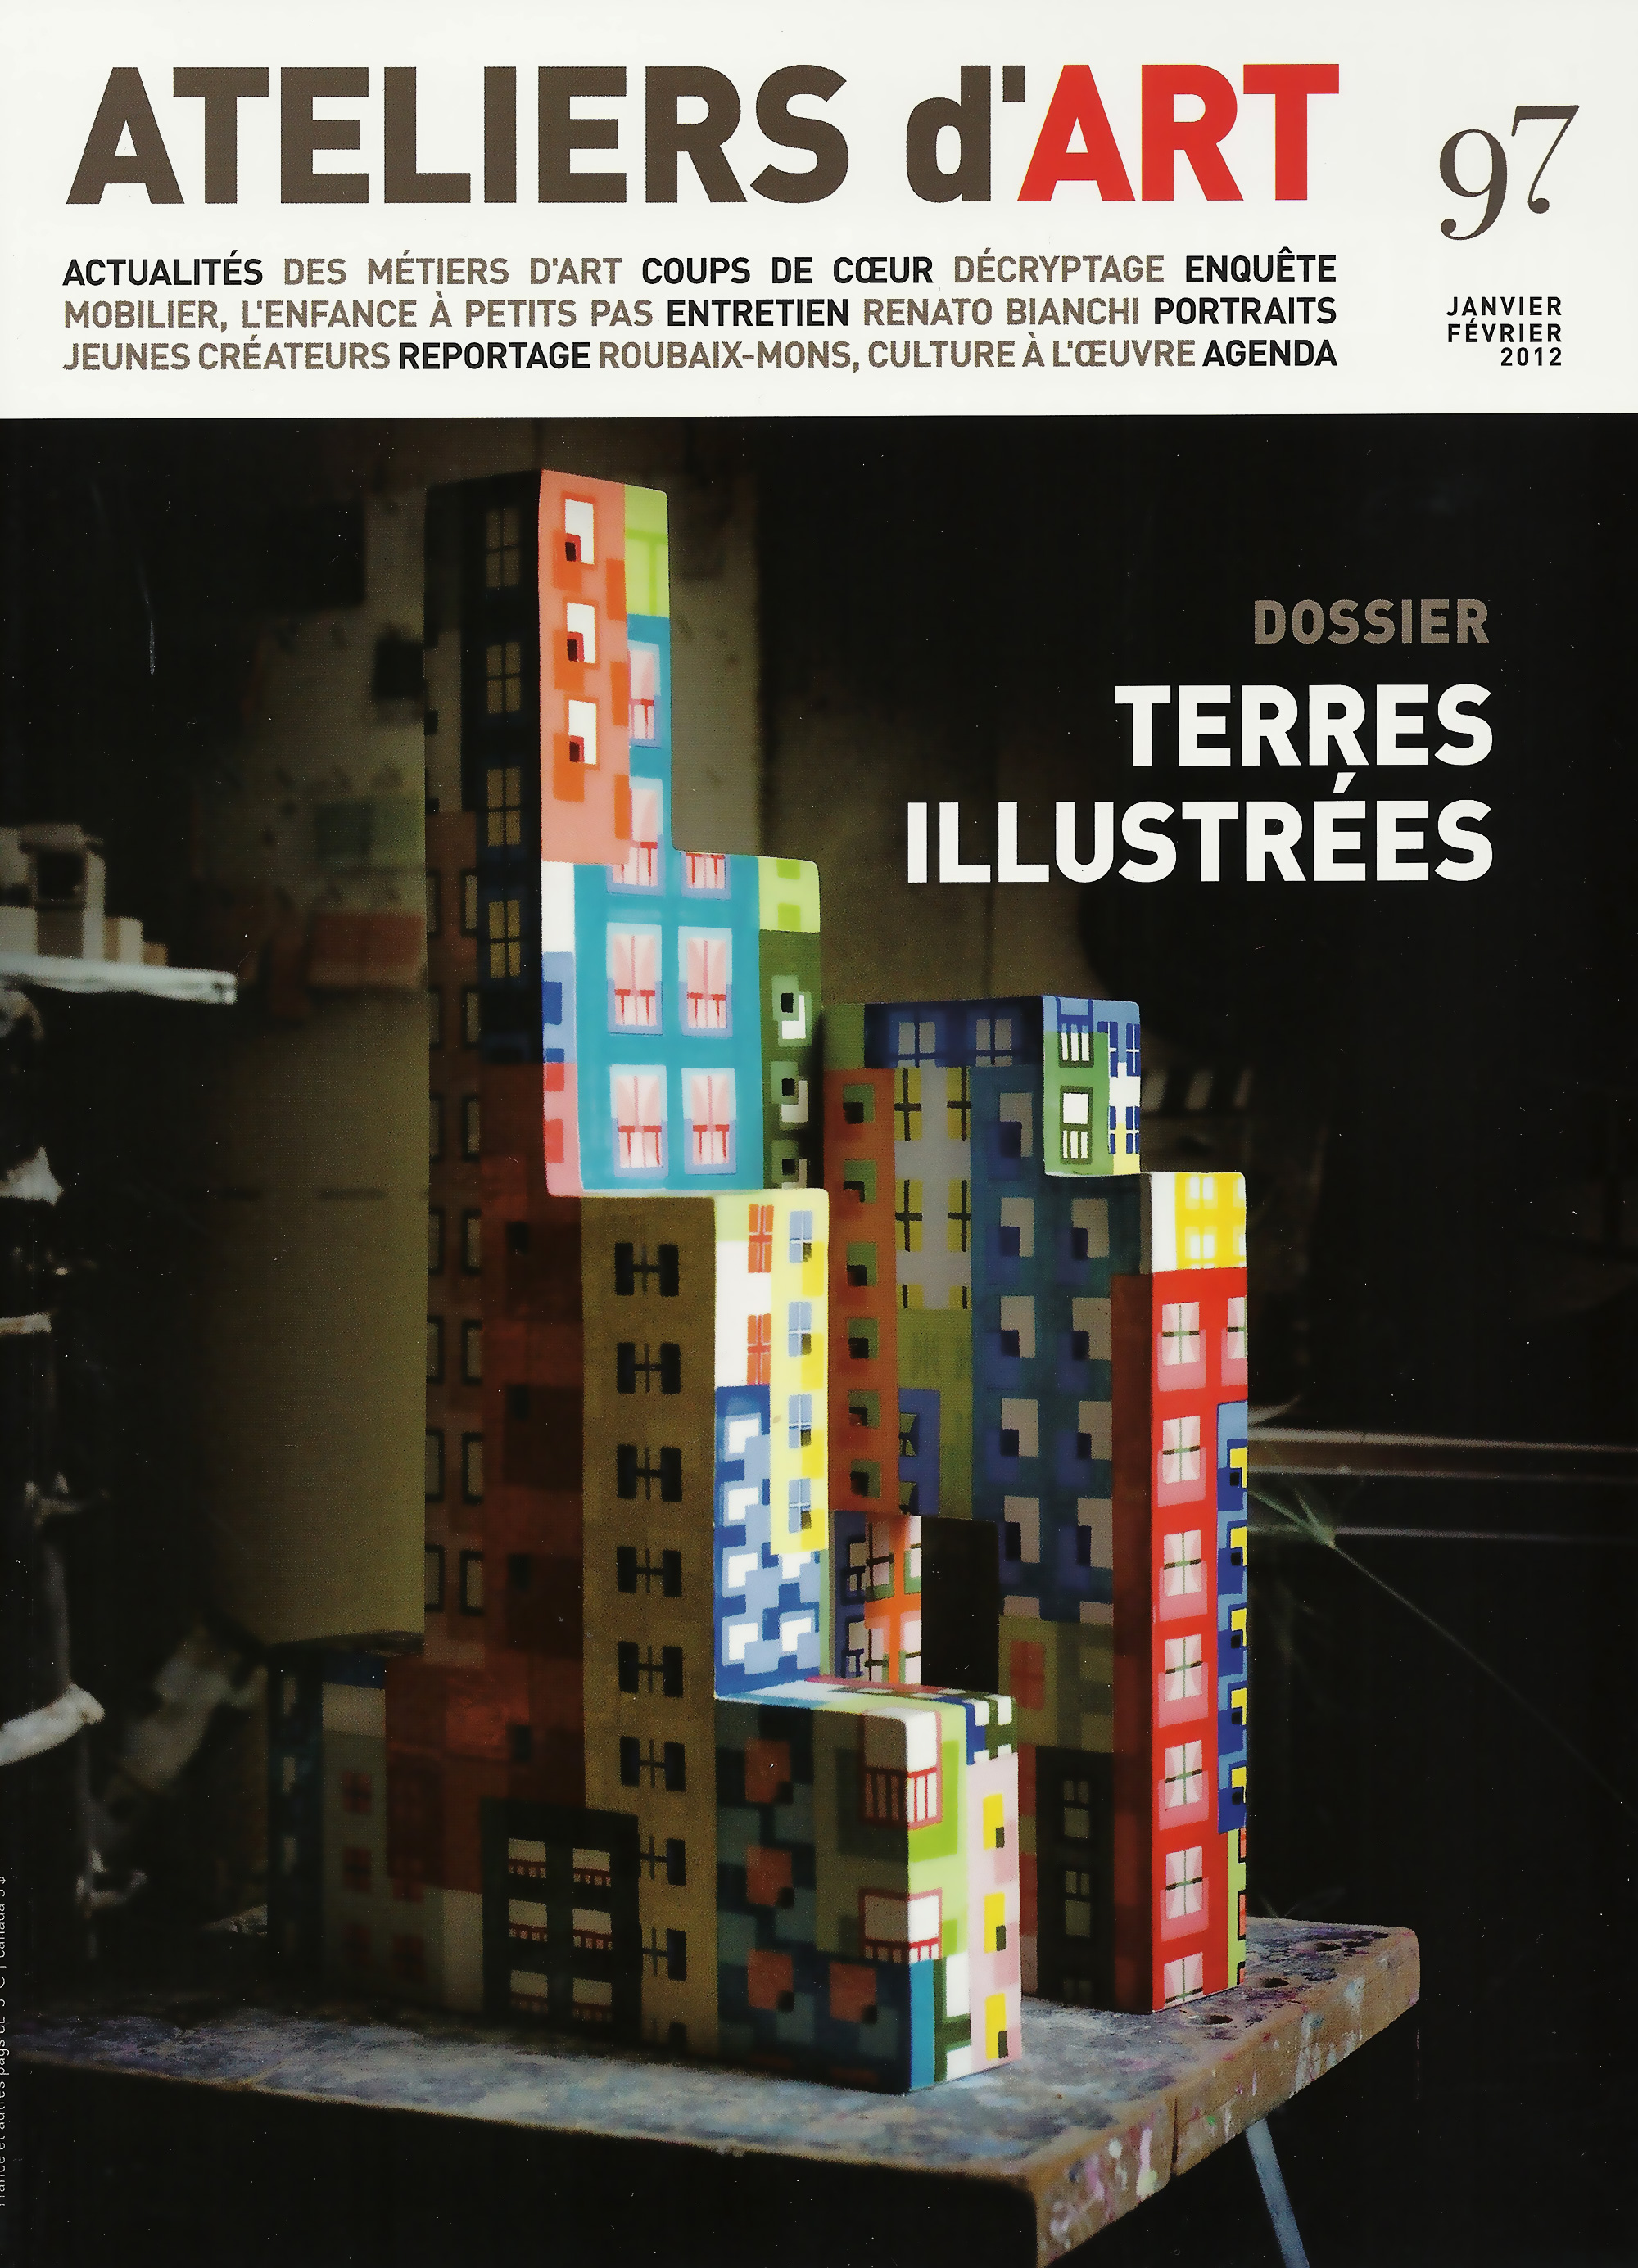 Atelier d'Art de France 97